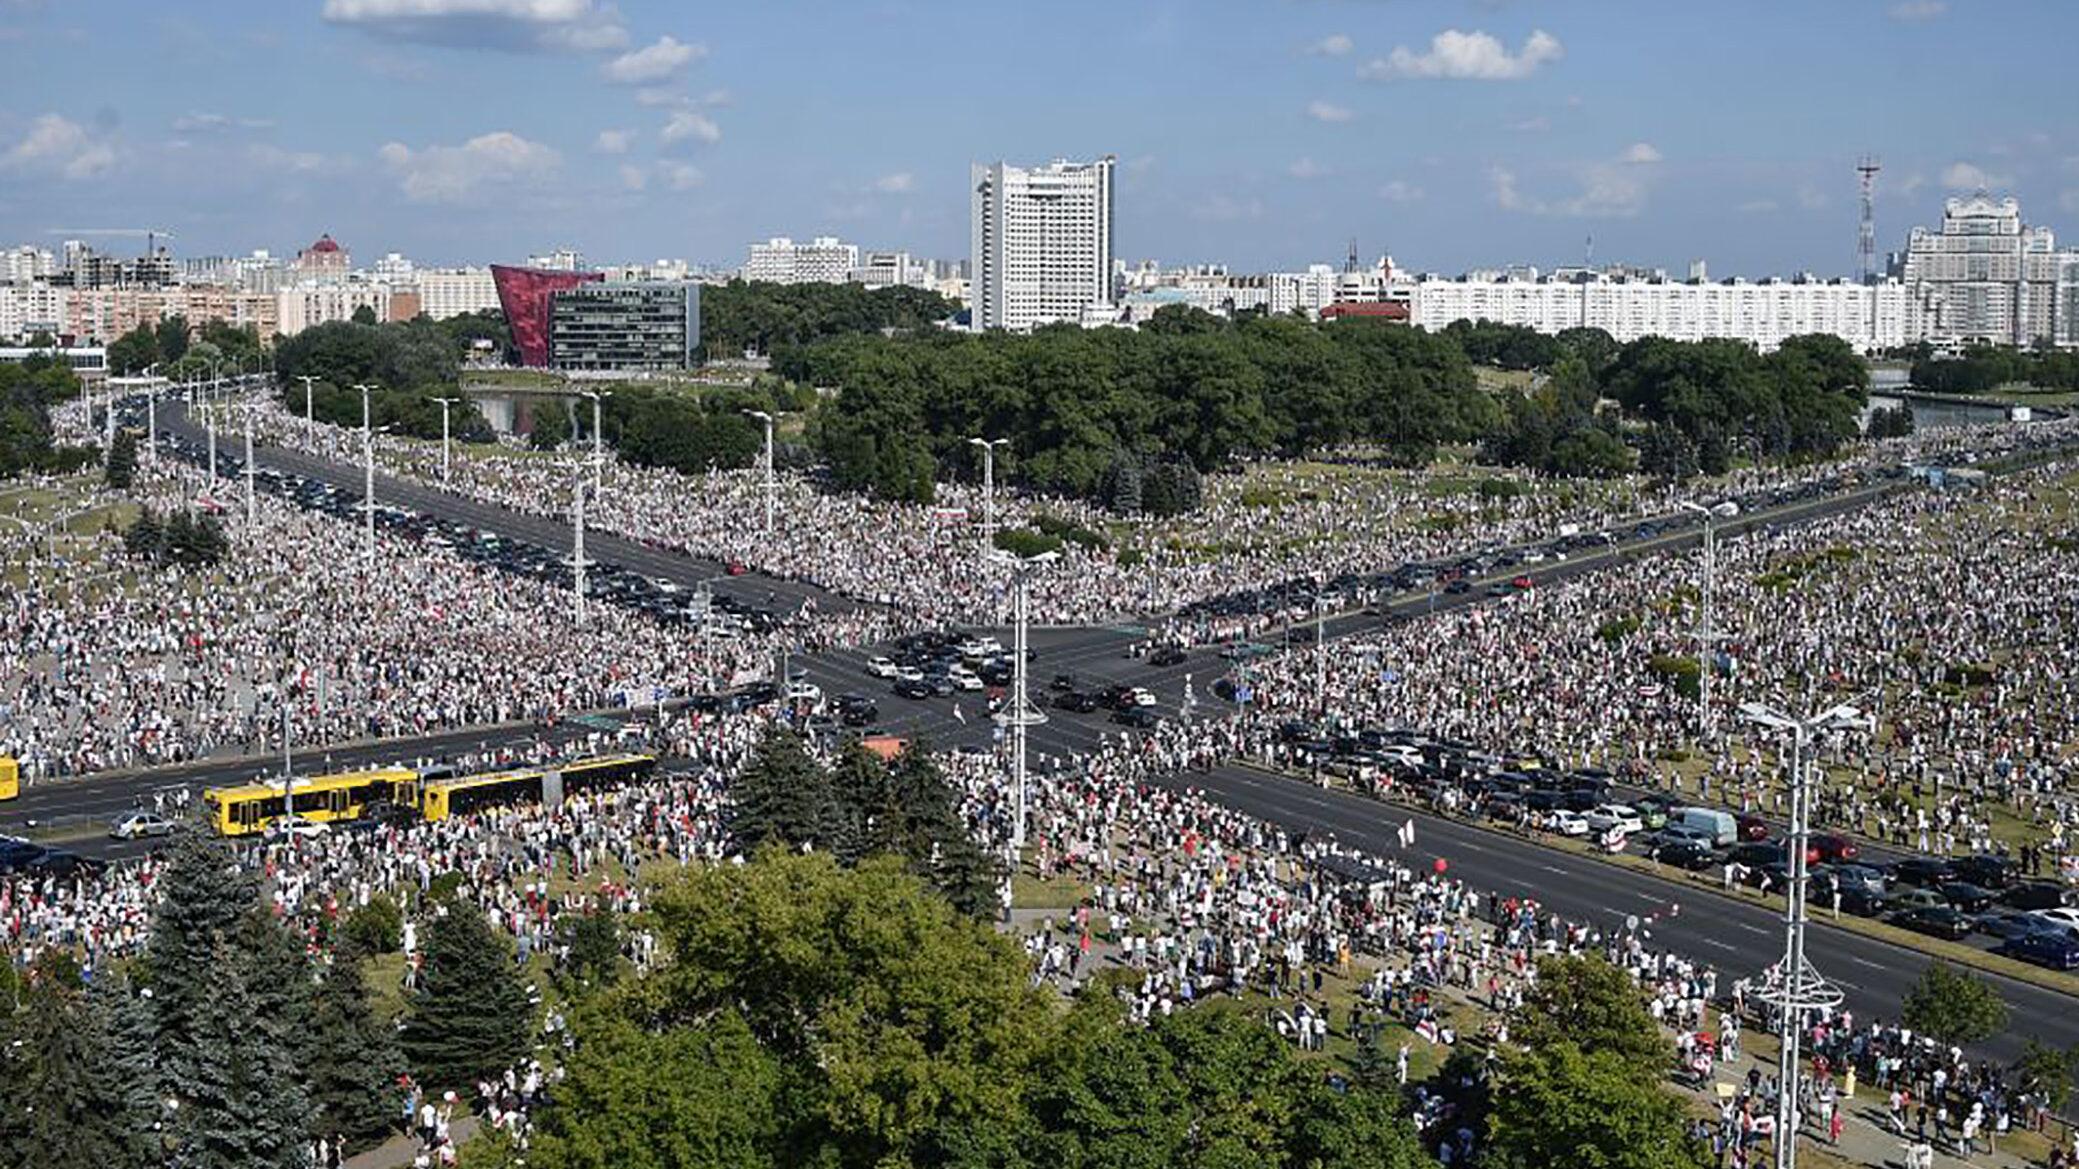 La solitudine della protesta bielorussa